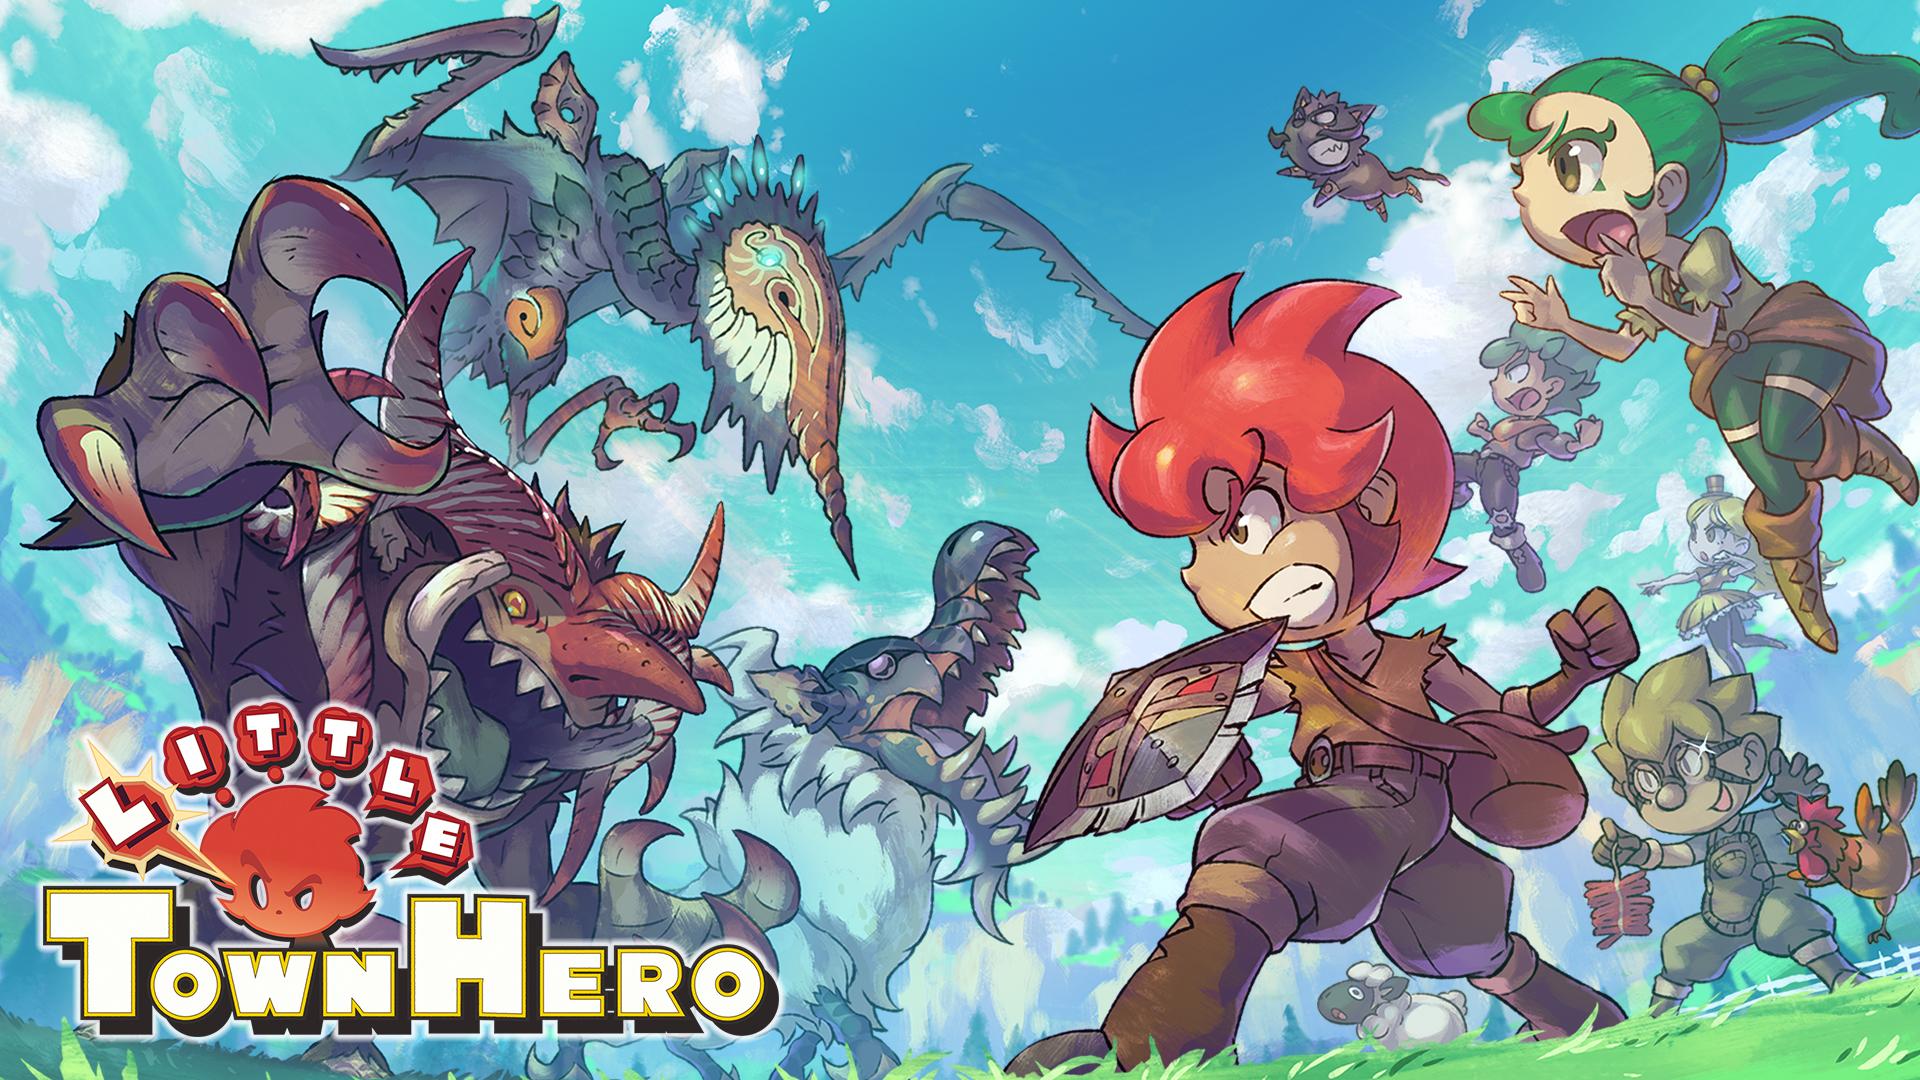 Little Town Hero для PlayStation 4 перенесена на конец июня в Северной Америке и Европе